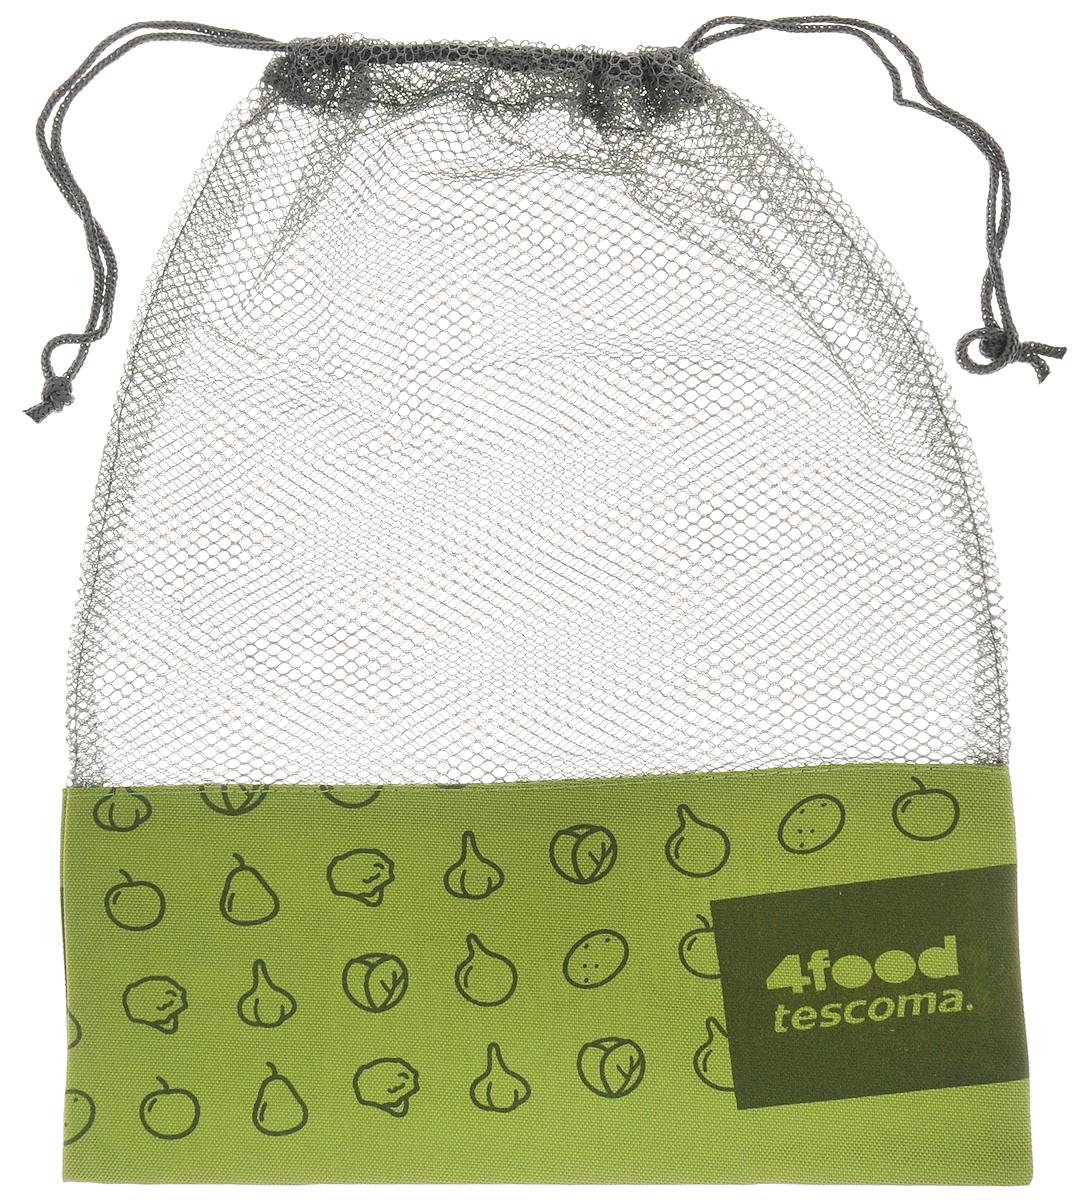 Сетка для хранения продуктов Tescoma 4Food, 38 х 28 см6.295-875.0Вместительная сетка Tescoma 4Food, выполненная из непромокаемых материалов, отлично подойдет для хранения в холодильнике фруктов, овощей, орехов и других продуктов. Сетка способствует вентиляции и предотвратит образование плесени. Изделие закрывается на затягивающийся шнурок.Вместимость - 6 кг.